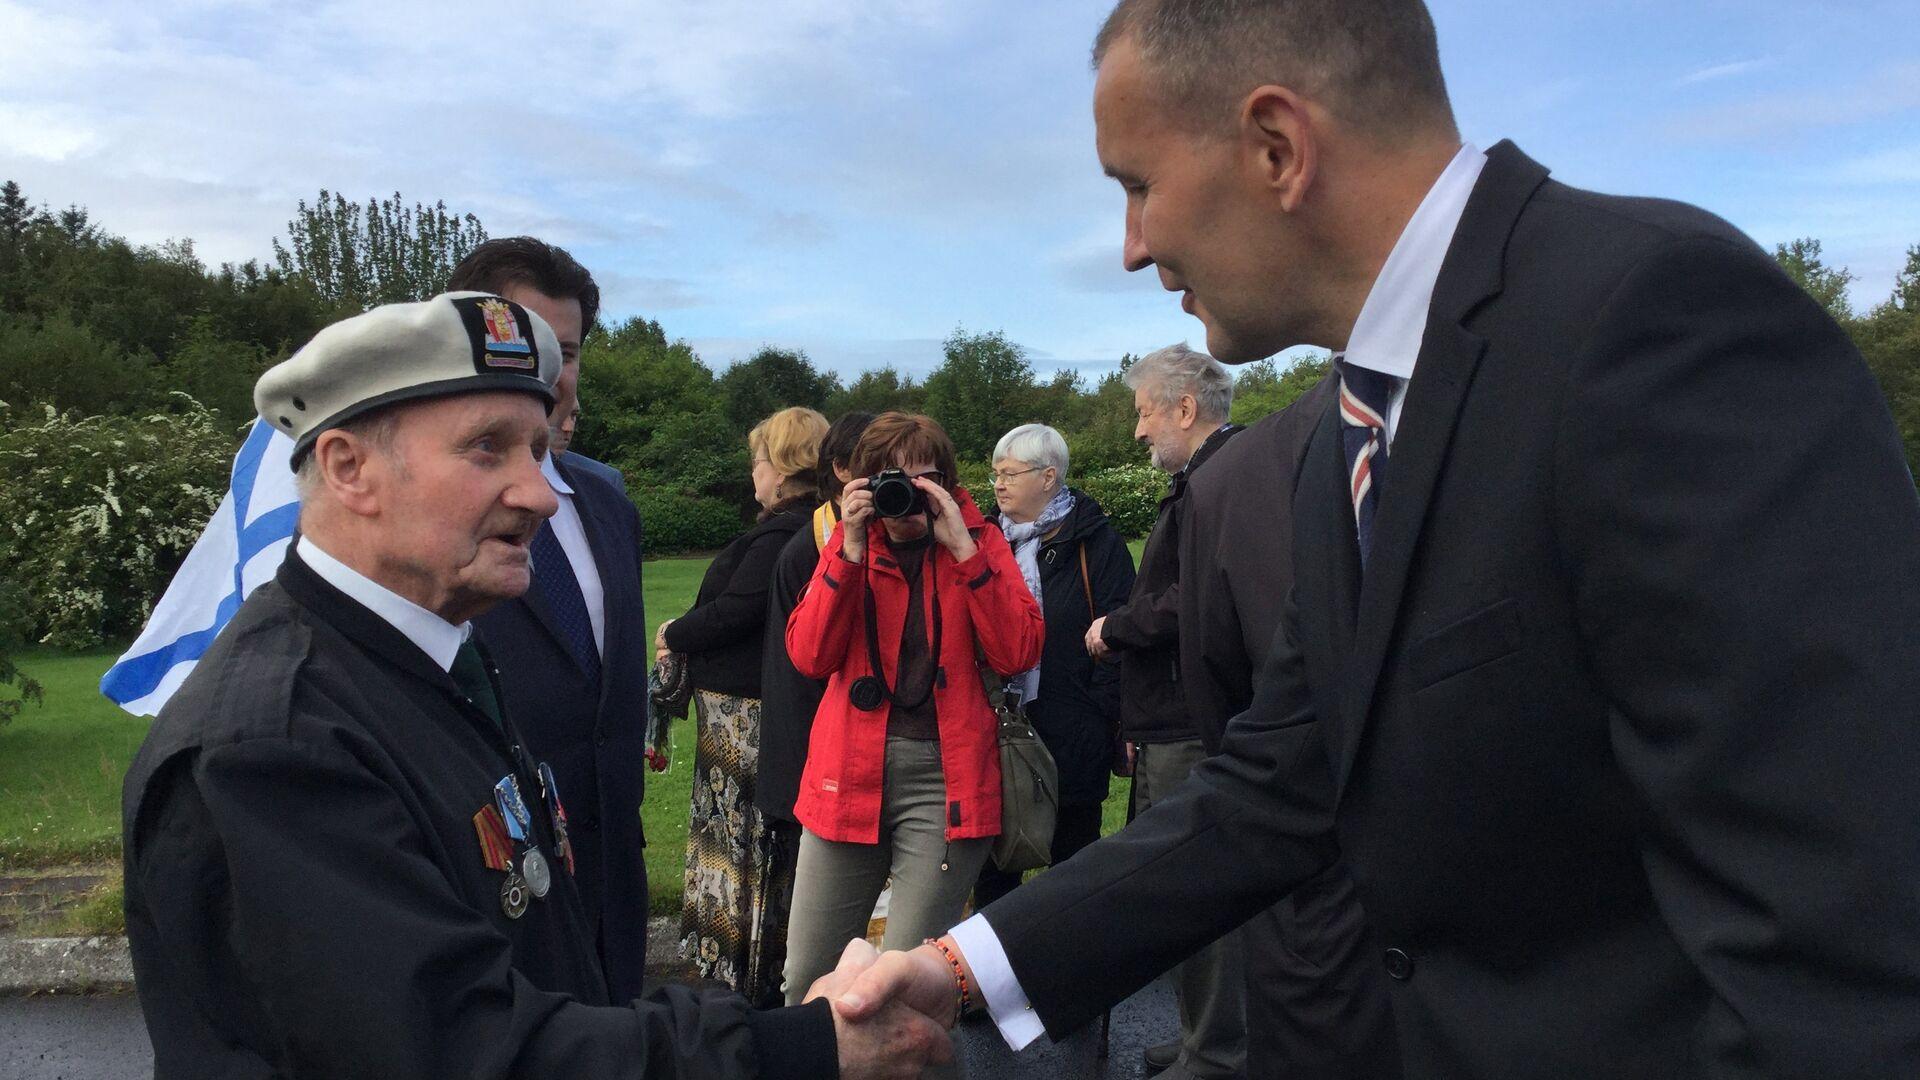 Президент Исландии Гвюдни Йоуханнессон (справа) приветствует ветерана Арктических конвоев из Шотландии Джека Петерсона - РИА Новости, 1920, 21.08.2018